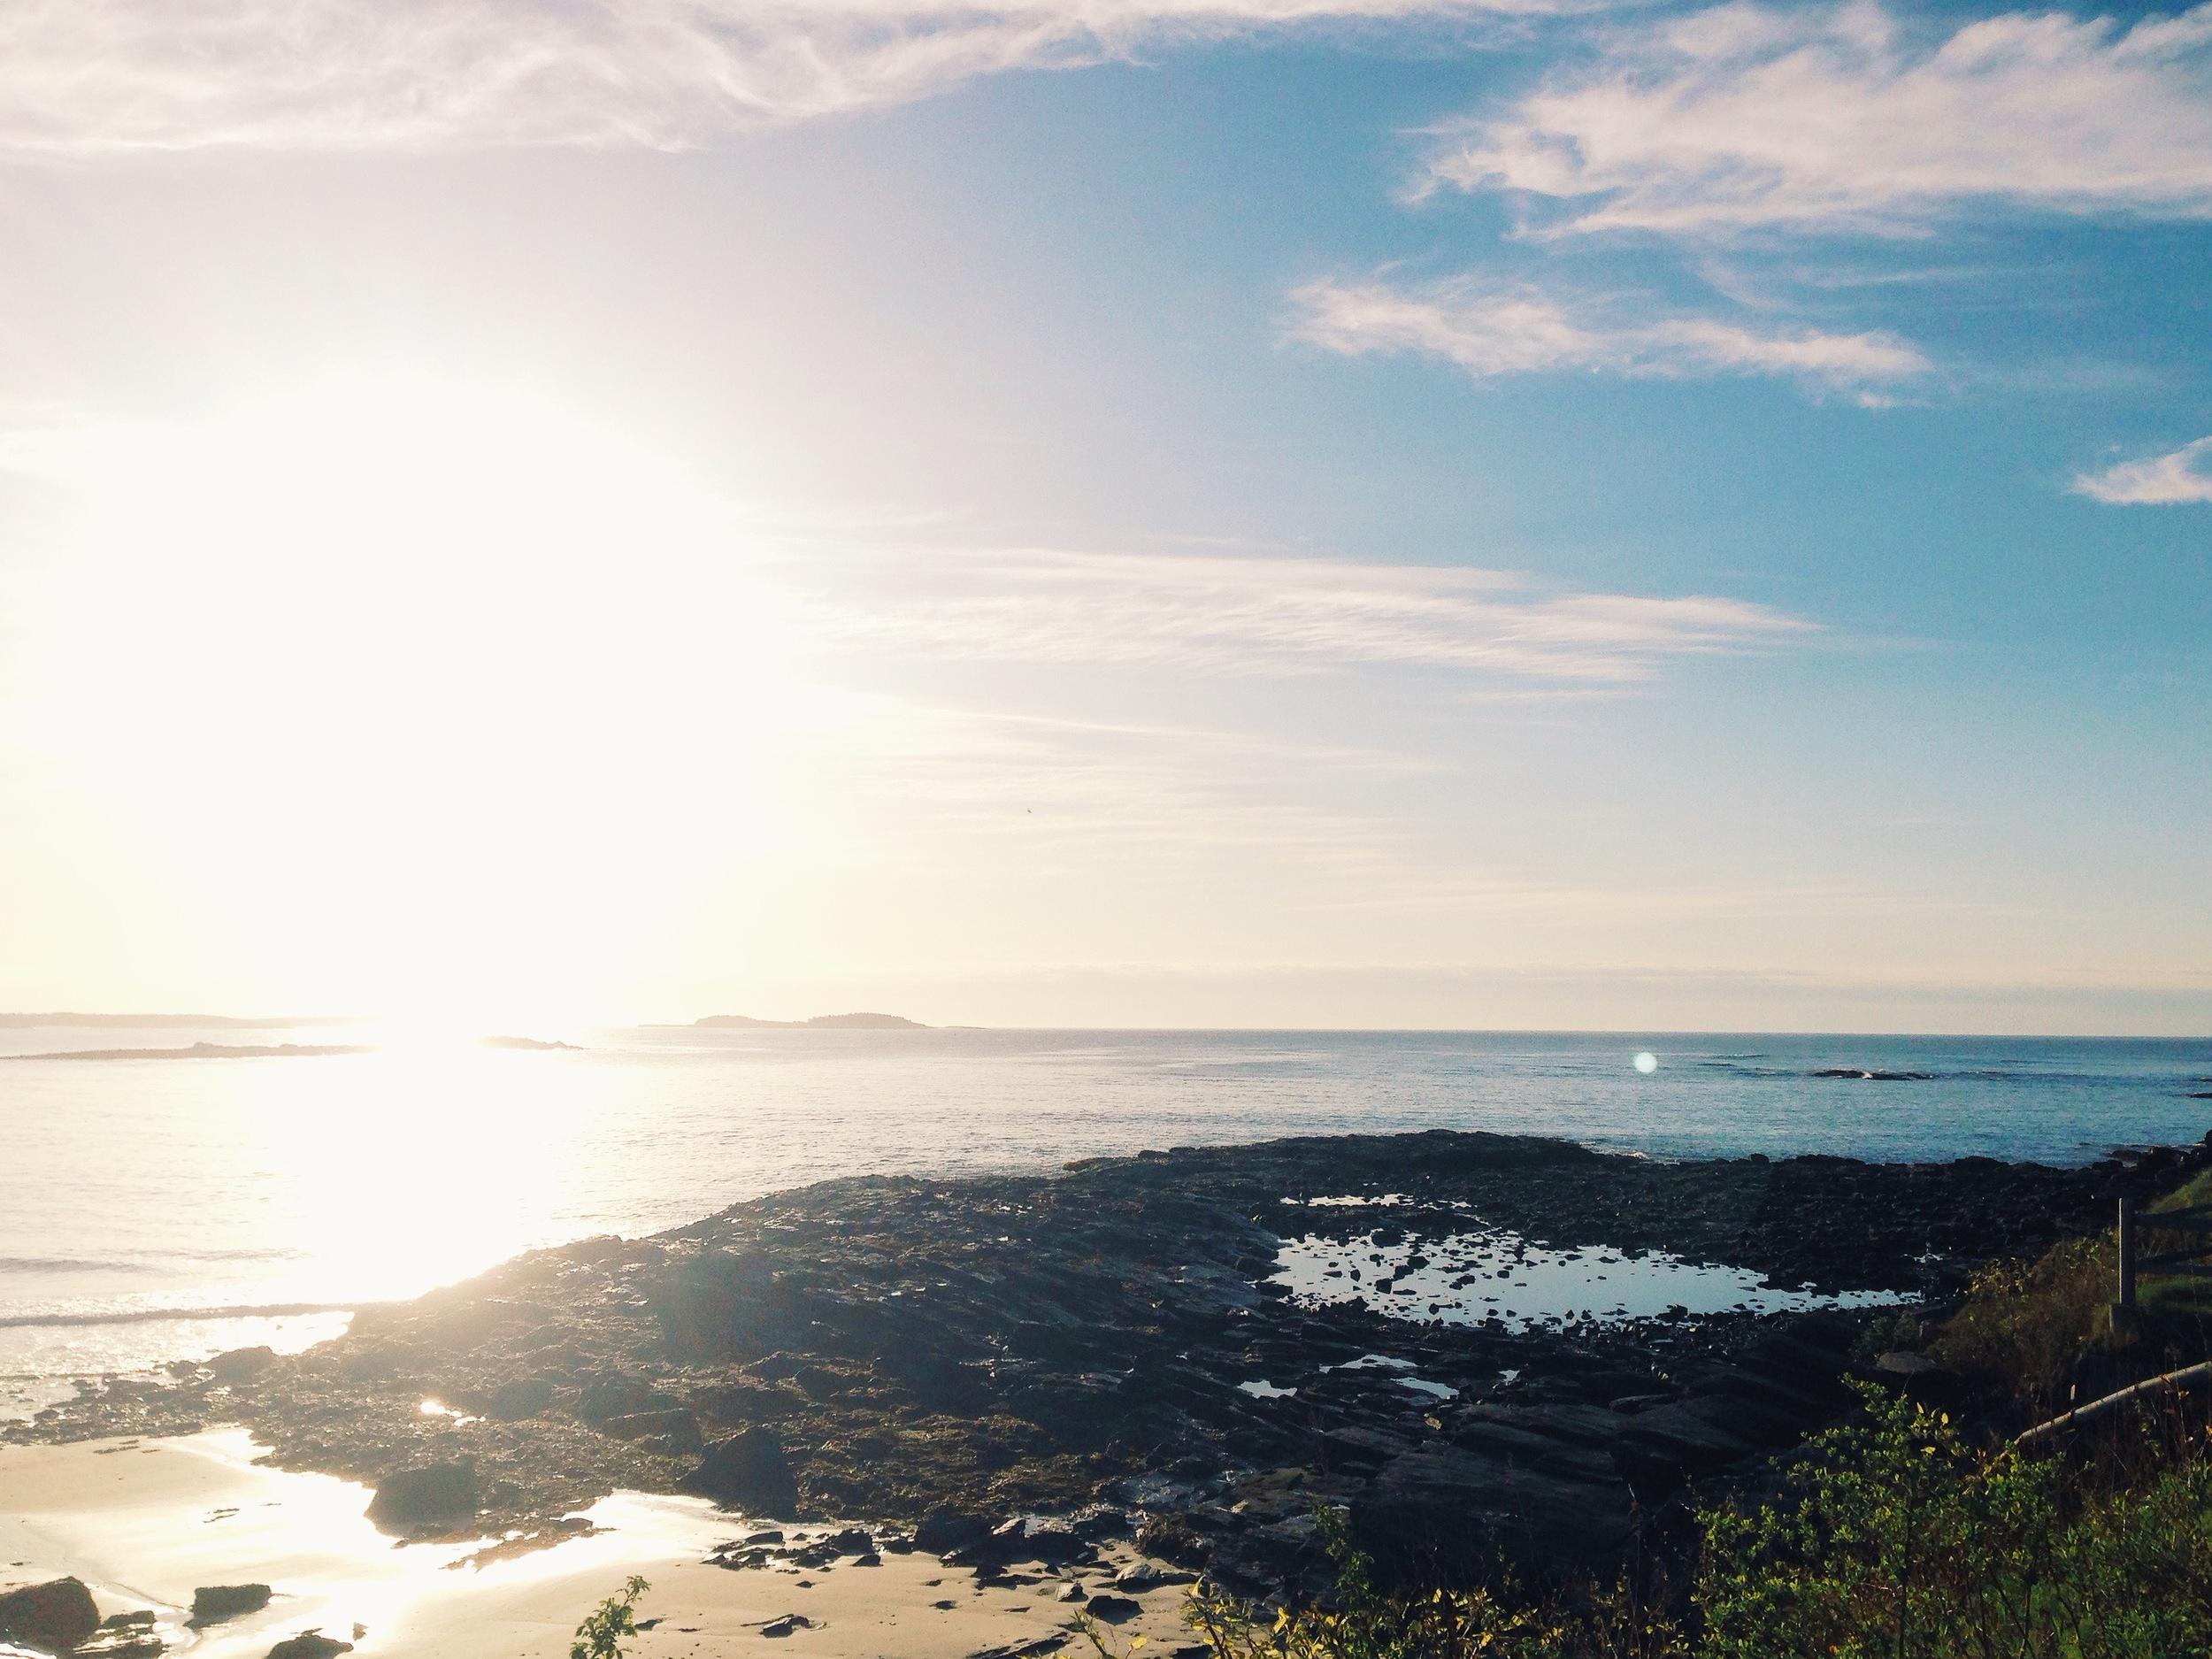 sunrise_ocean_maine